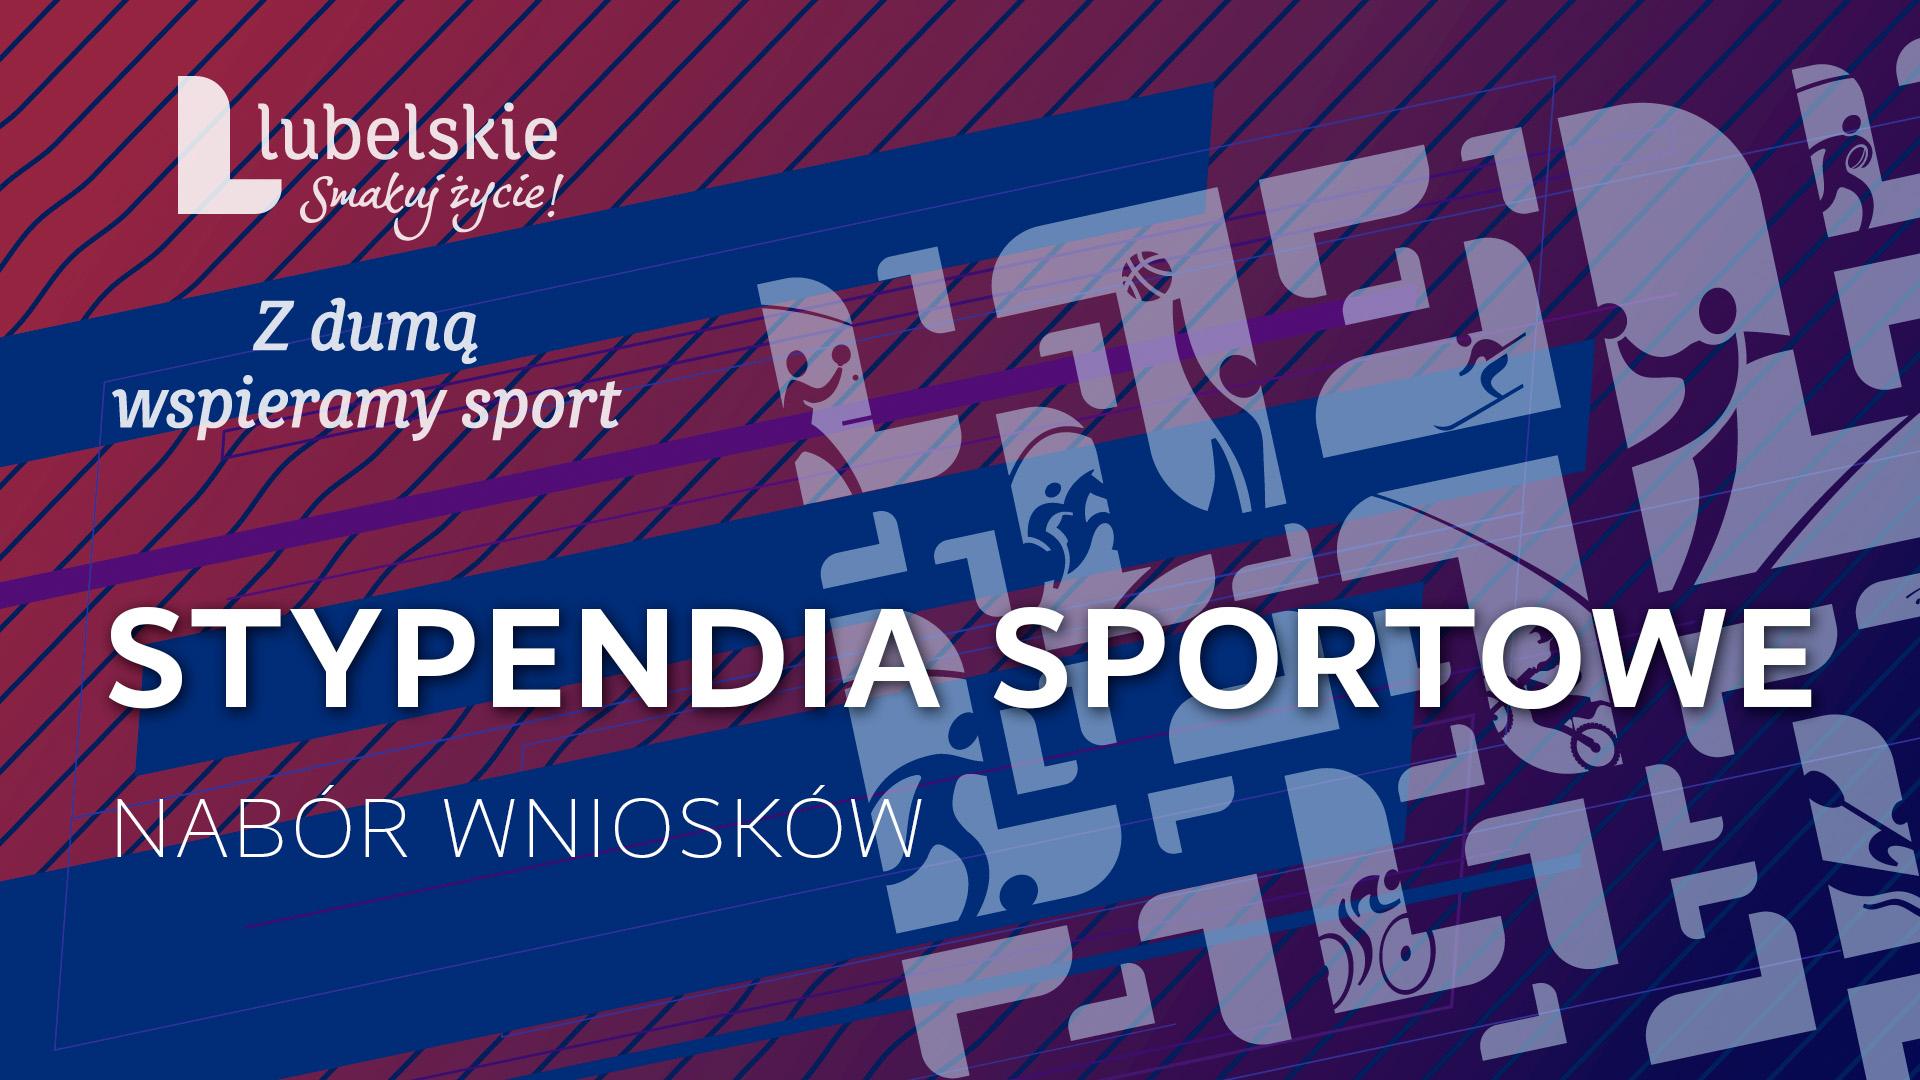 stypendia sportowe Zgłoś się po stypendium sportowe